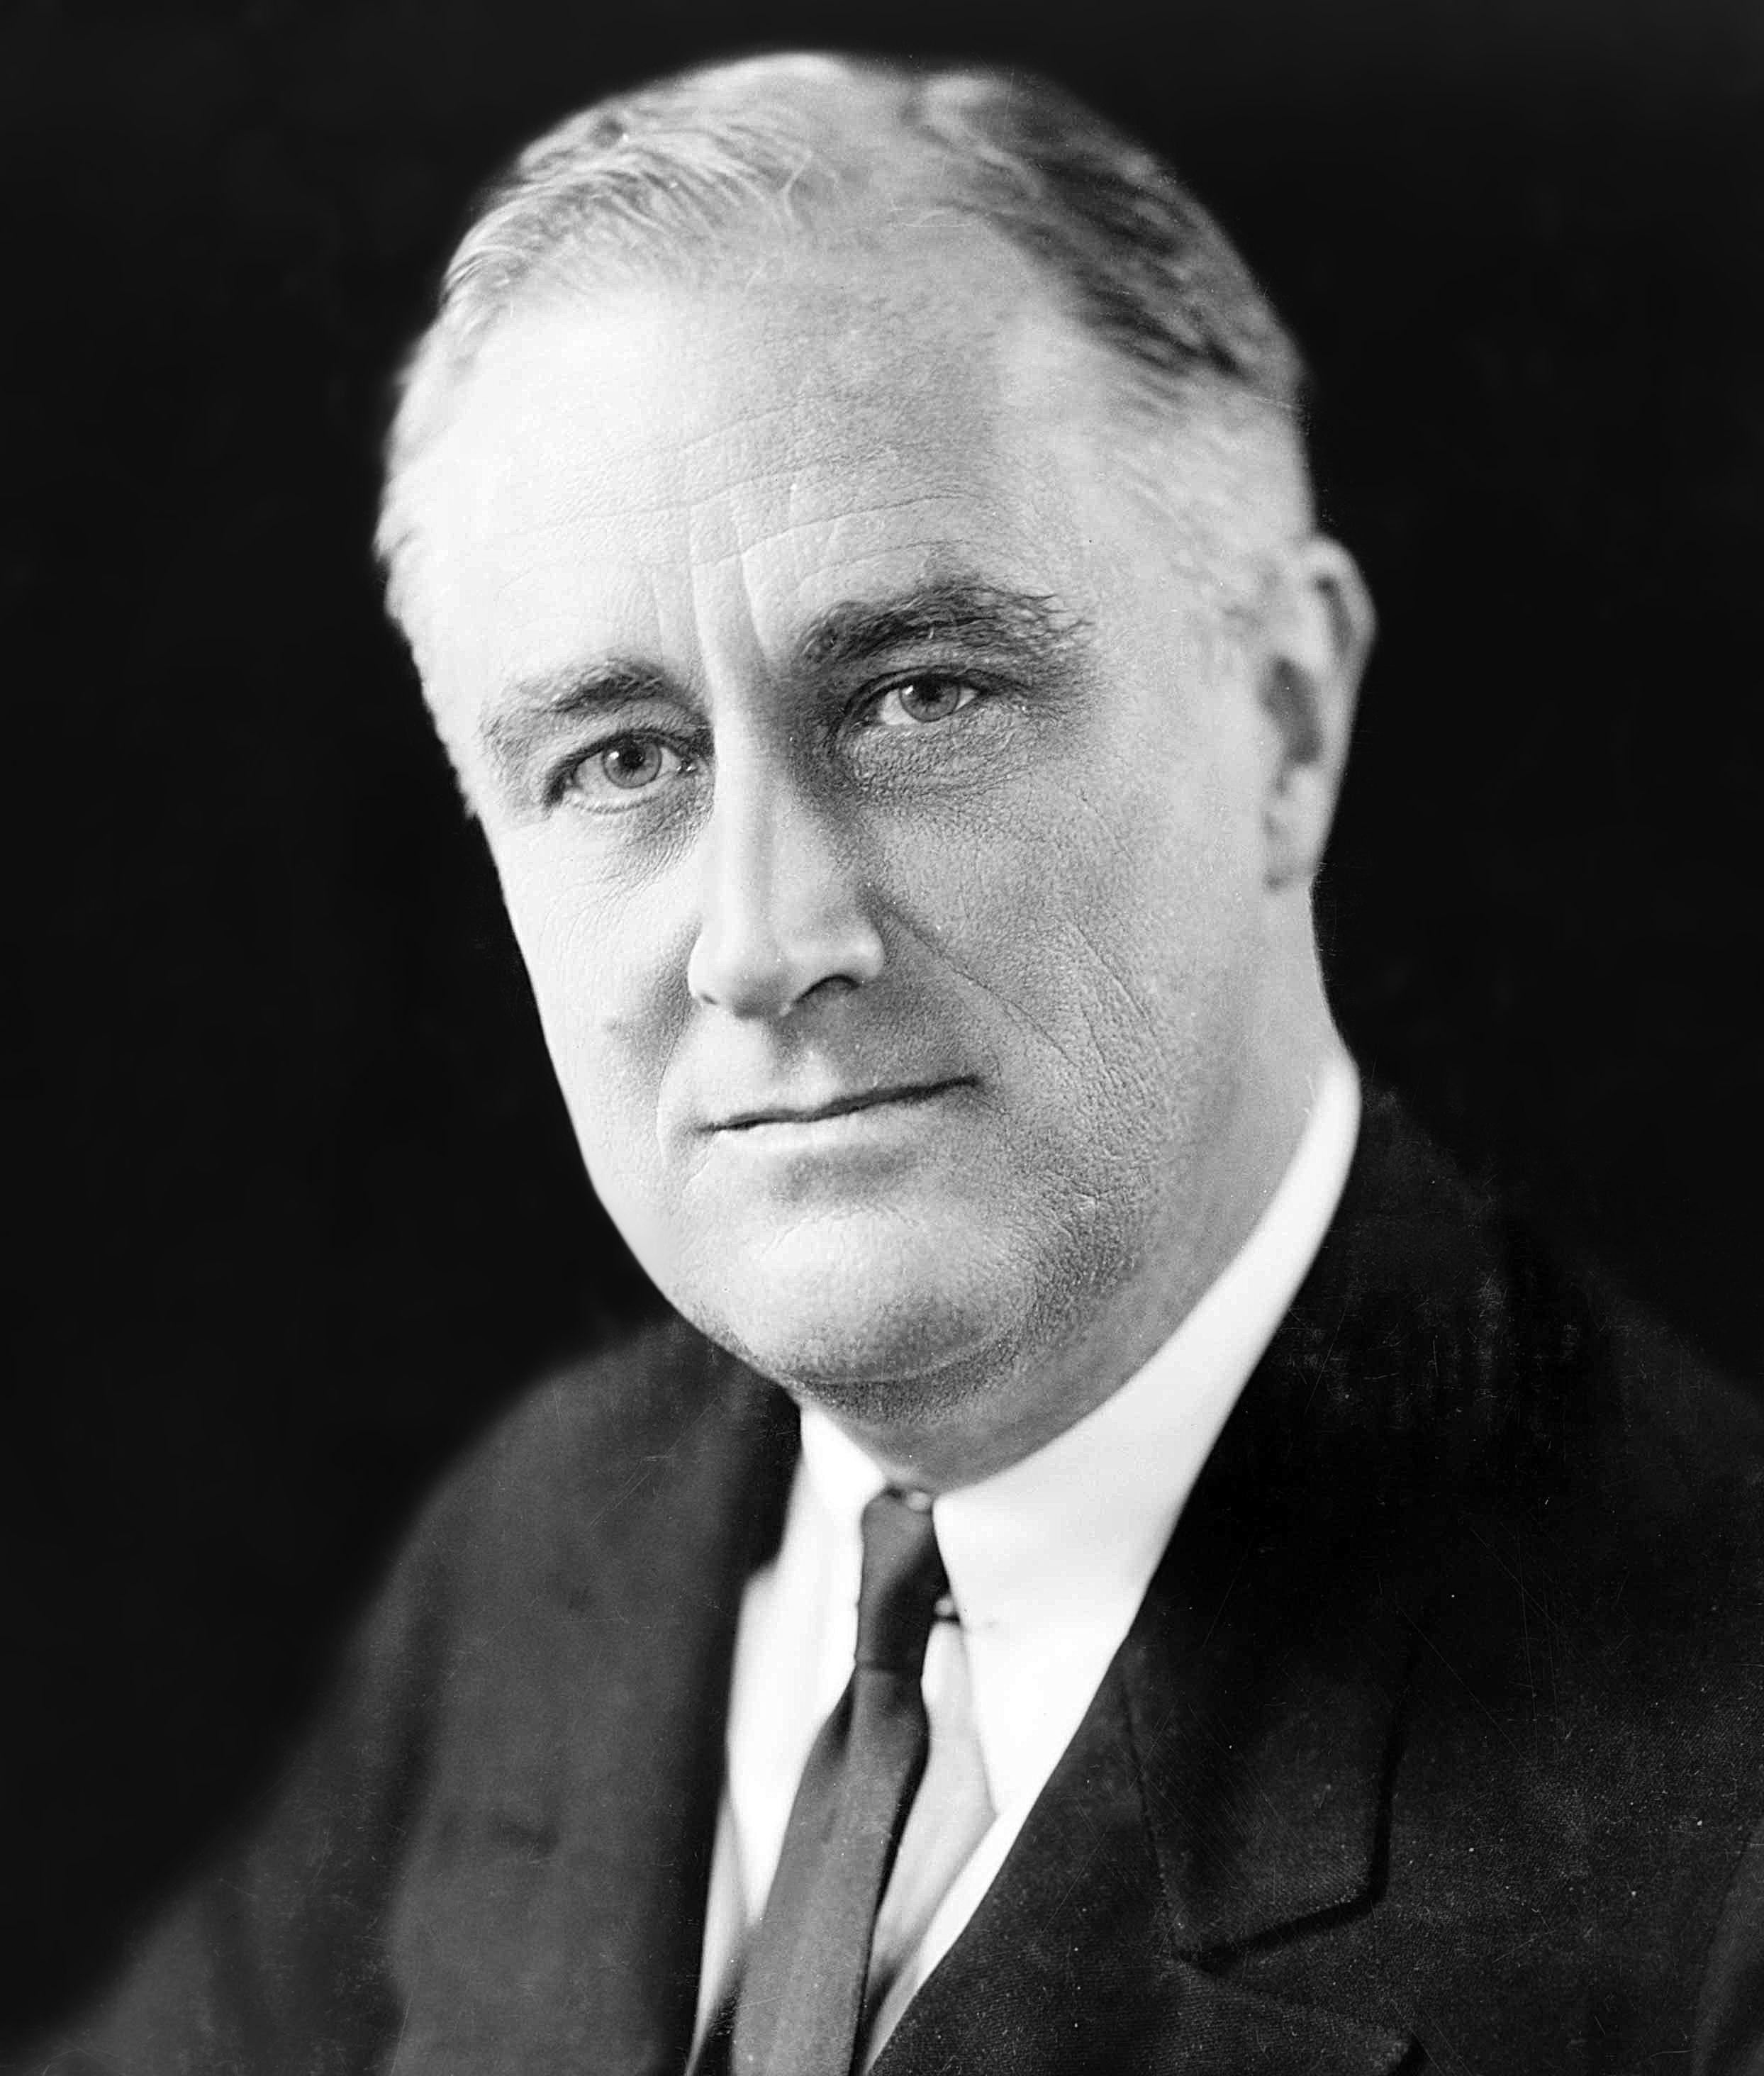 Franklin D. Roosevelt el 27 de diciembre de 1933. Crédito: Wikipedia. Elías Goldensky.